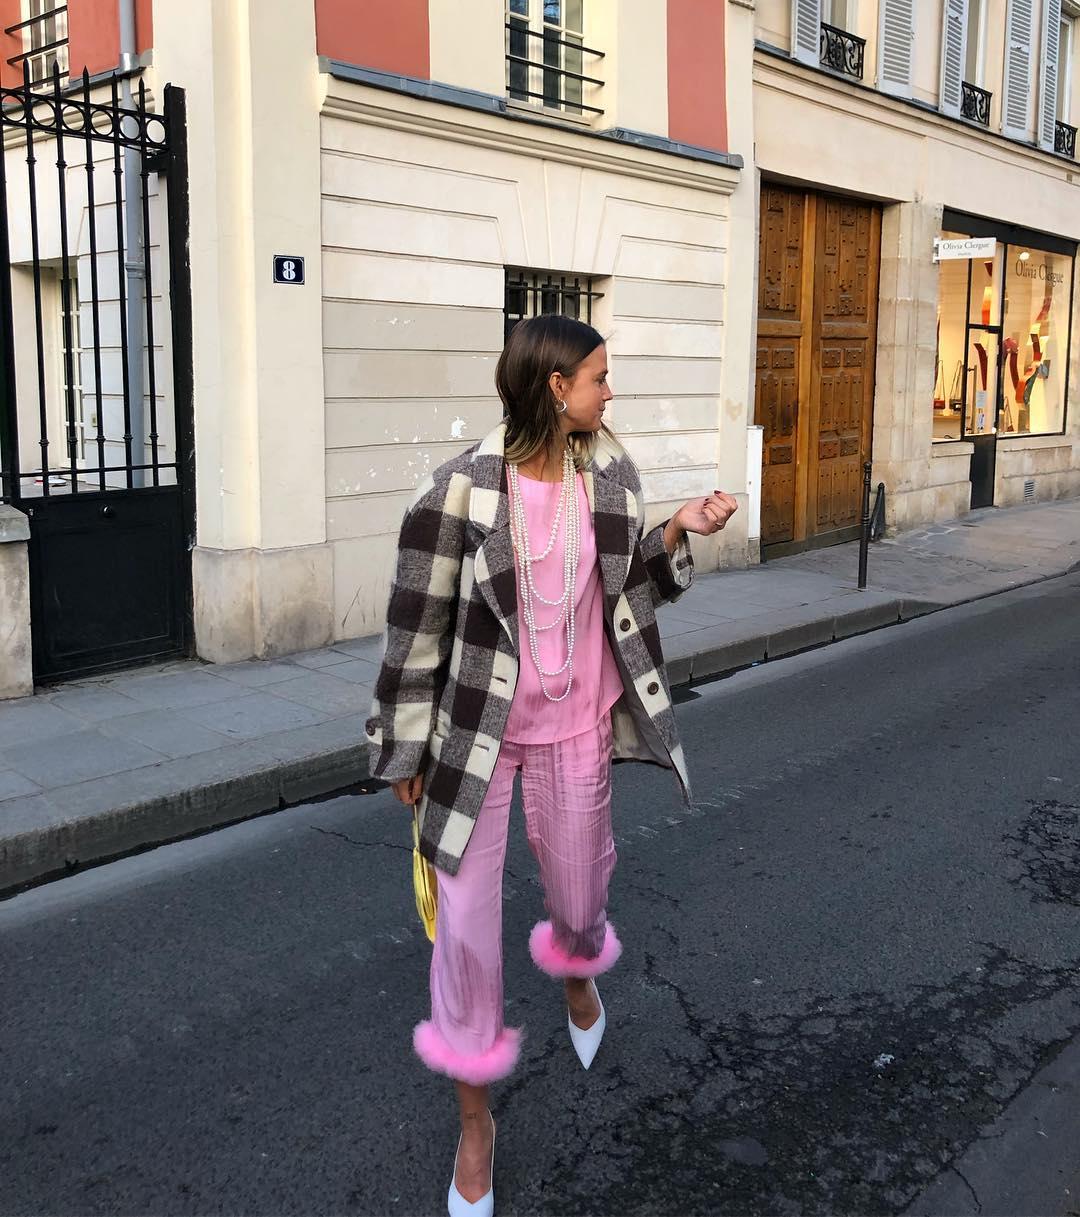 ¿Nochebuena en pijama? Instagram dice que 'sí'